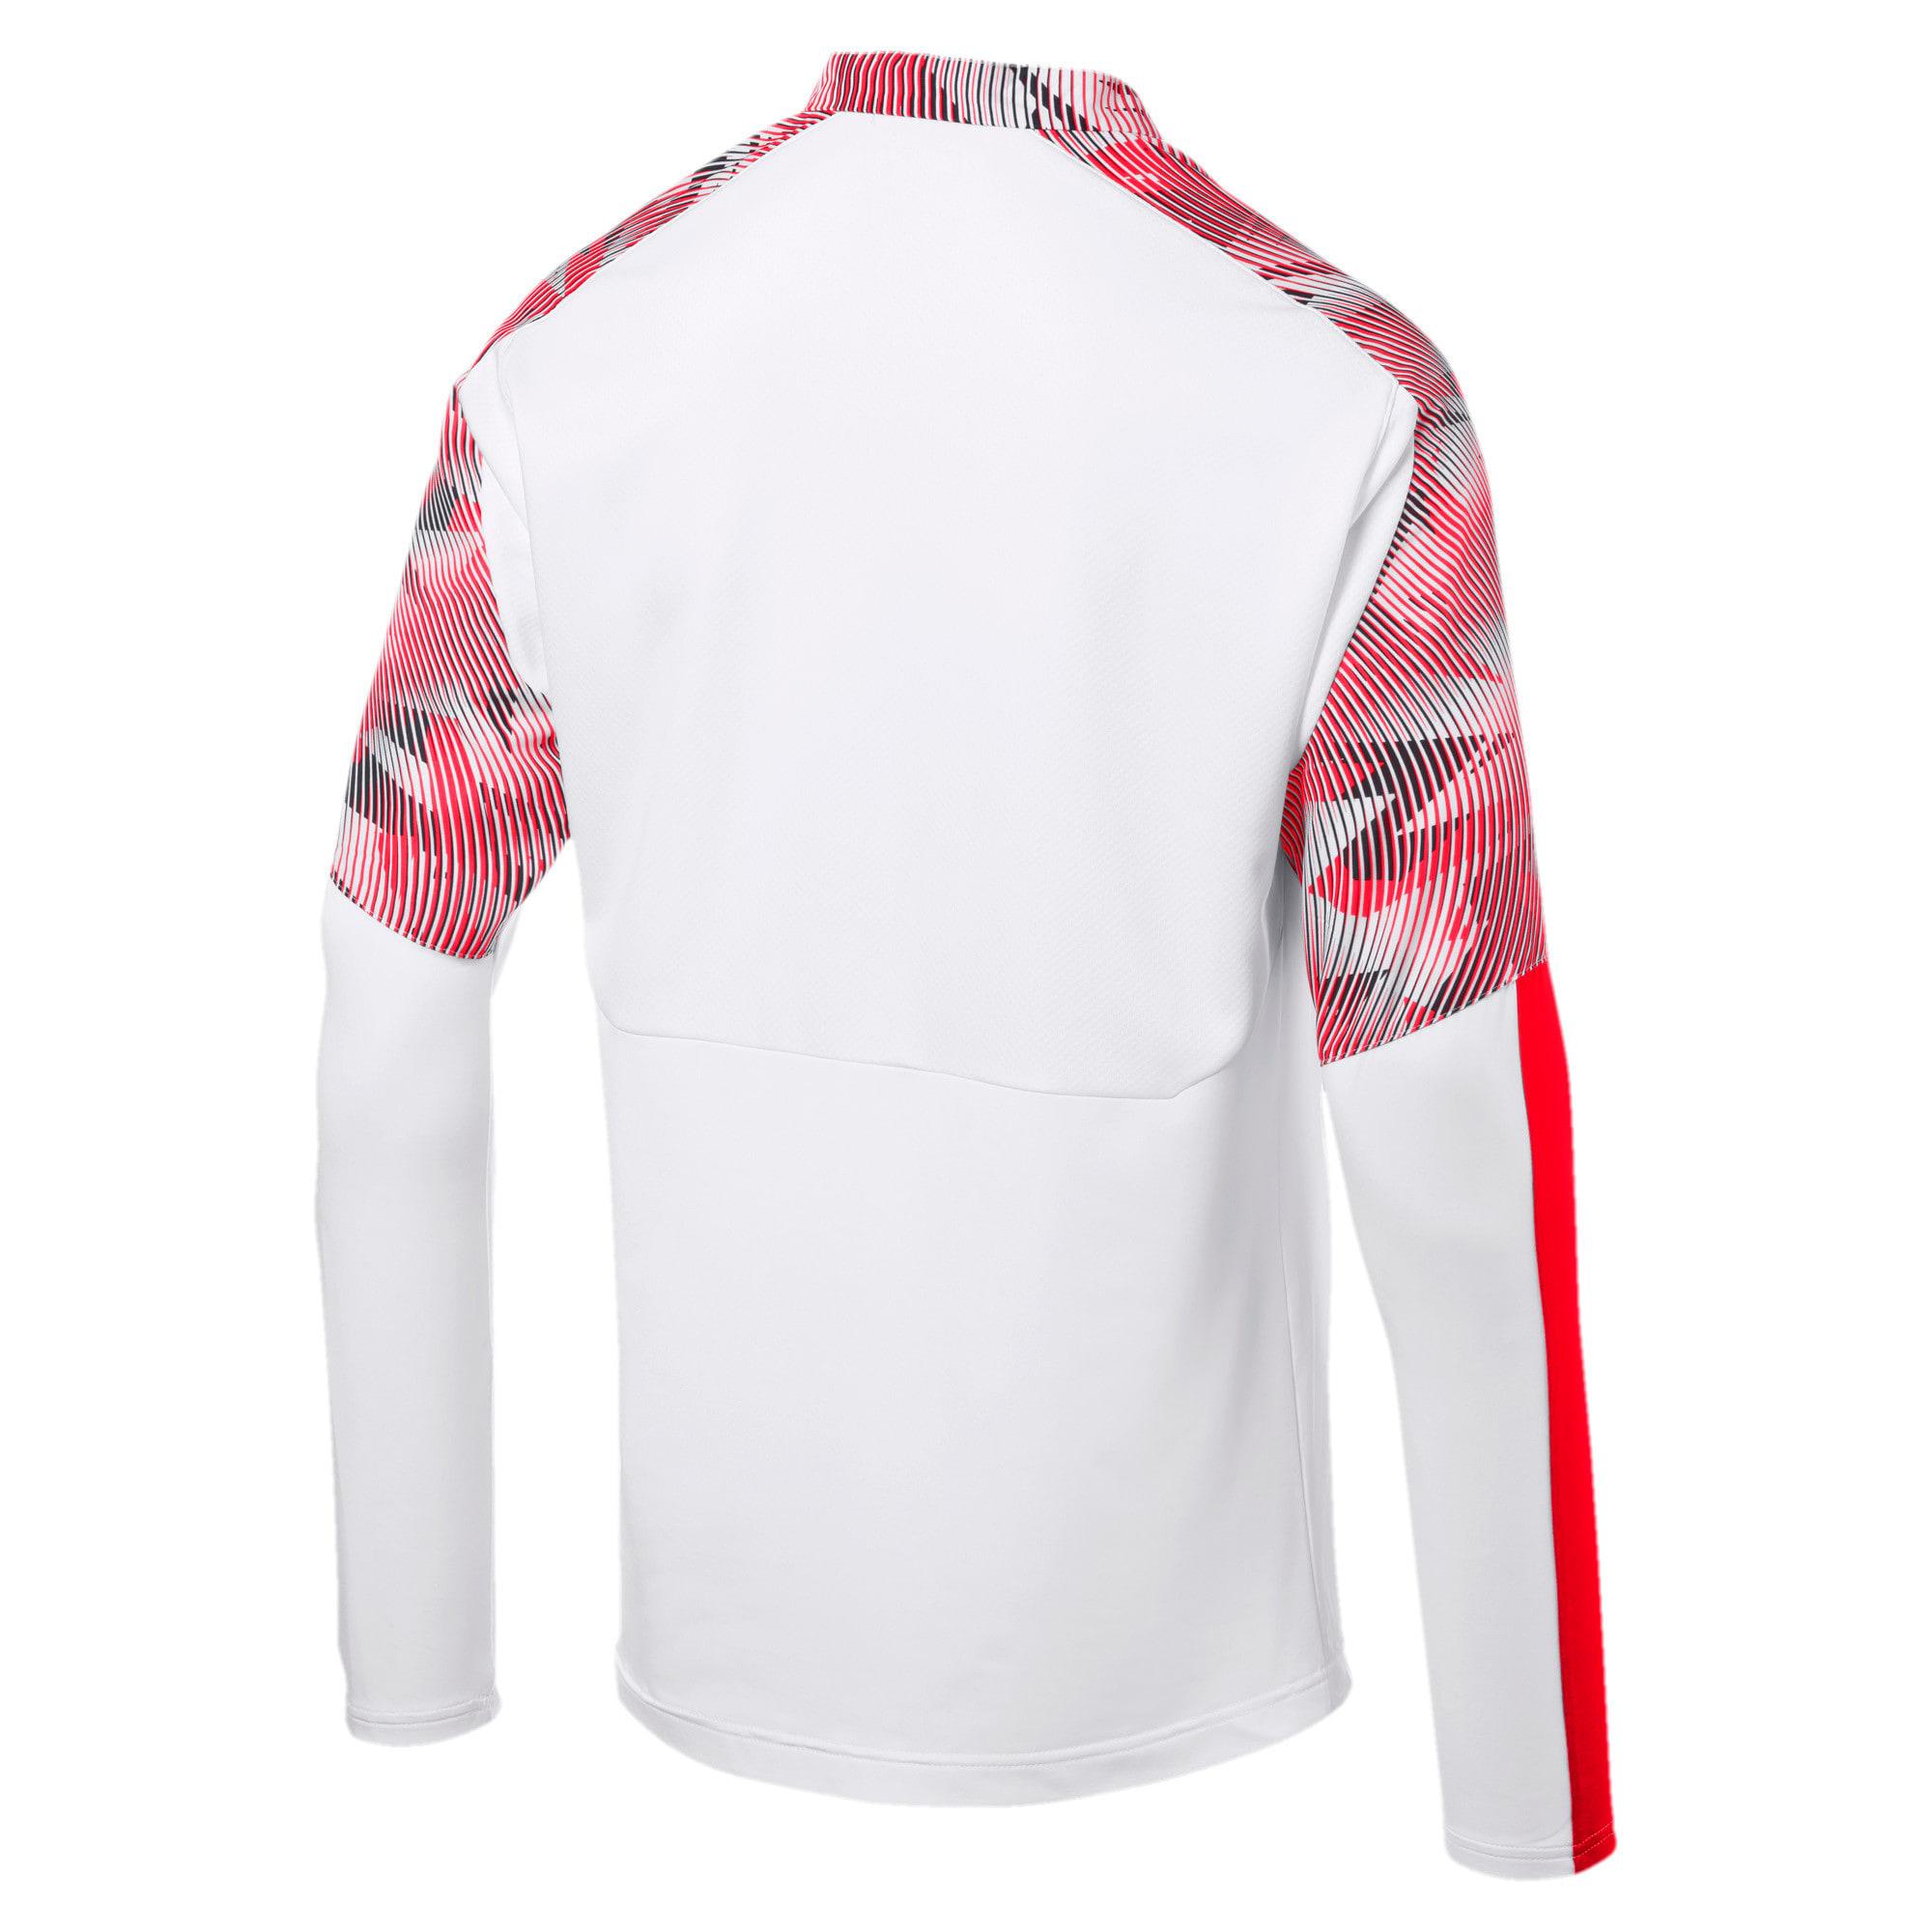 Thumbnail 5 of Chivas Men's Quarter Zip Top, Puma White-Puma Red, medium